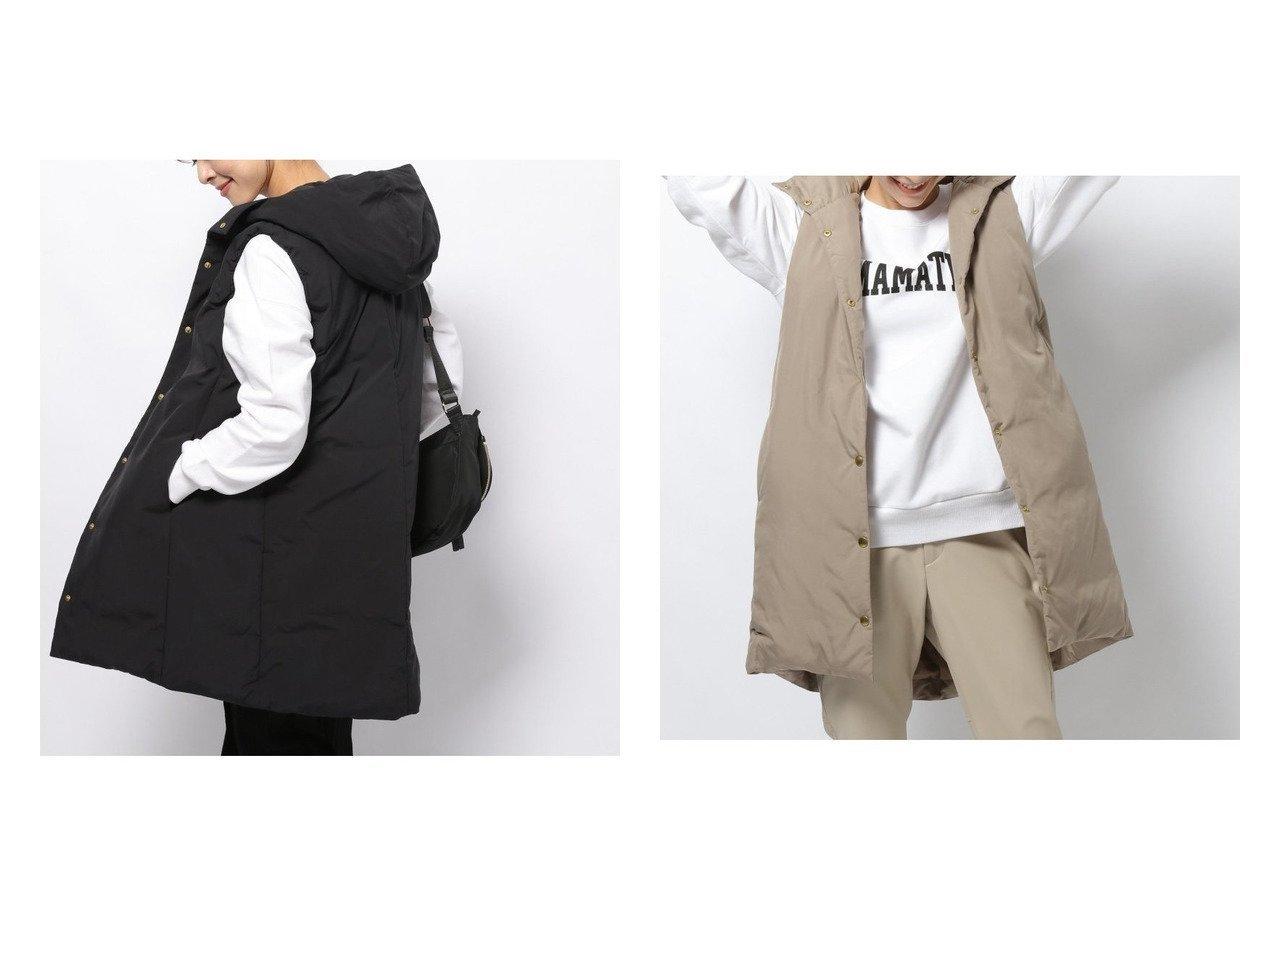 【BARNYARDSTORM/バンヤードストーム】のダウンベスト おすすめ!人気、トレンド・レディースファッションの通販 おすすめで人気の流行・トレンド、ファッションの通販商品 インテリア・家具・メンズファッション・キッズファッション・レディースファッション・服の通販 founy(ファニー) https://founy.com/ ファッション Fashion レディースファッション WOMEN アウター Coat Outerwear コート Coats ジャケット Jackets NEW・新作・新着・新入荷 New Arrivals ジャケット ダウン ベスト ベーシック リラックス  ID:crp329100000072411